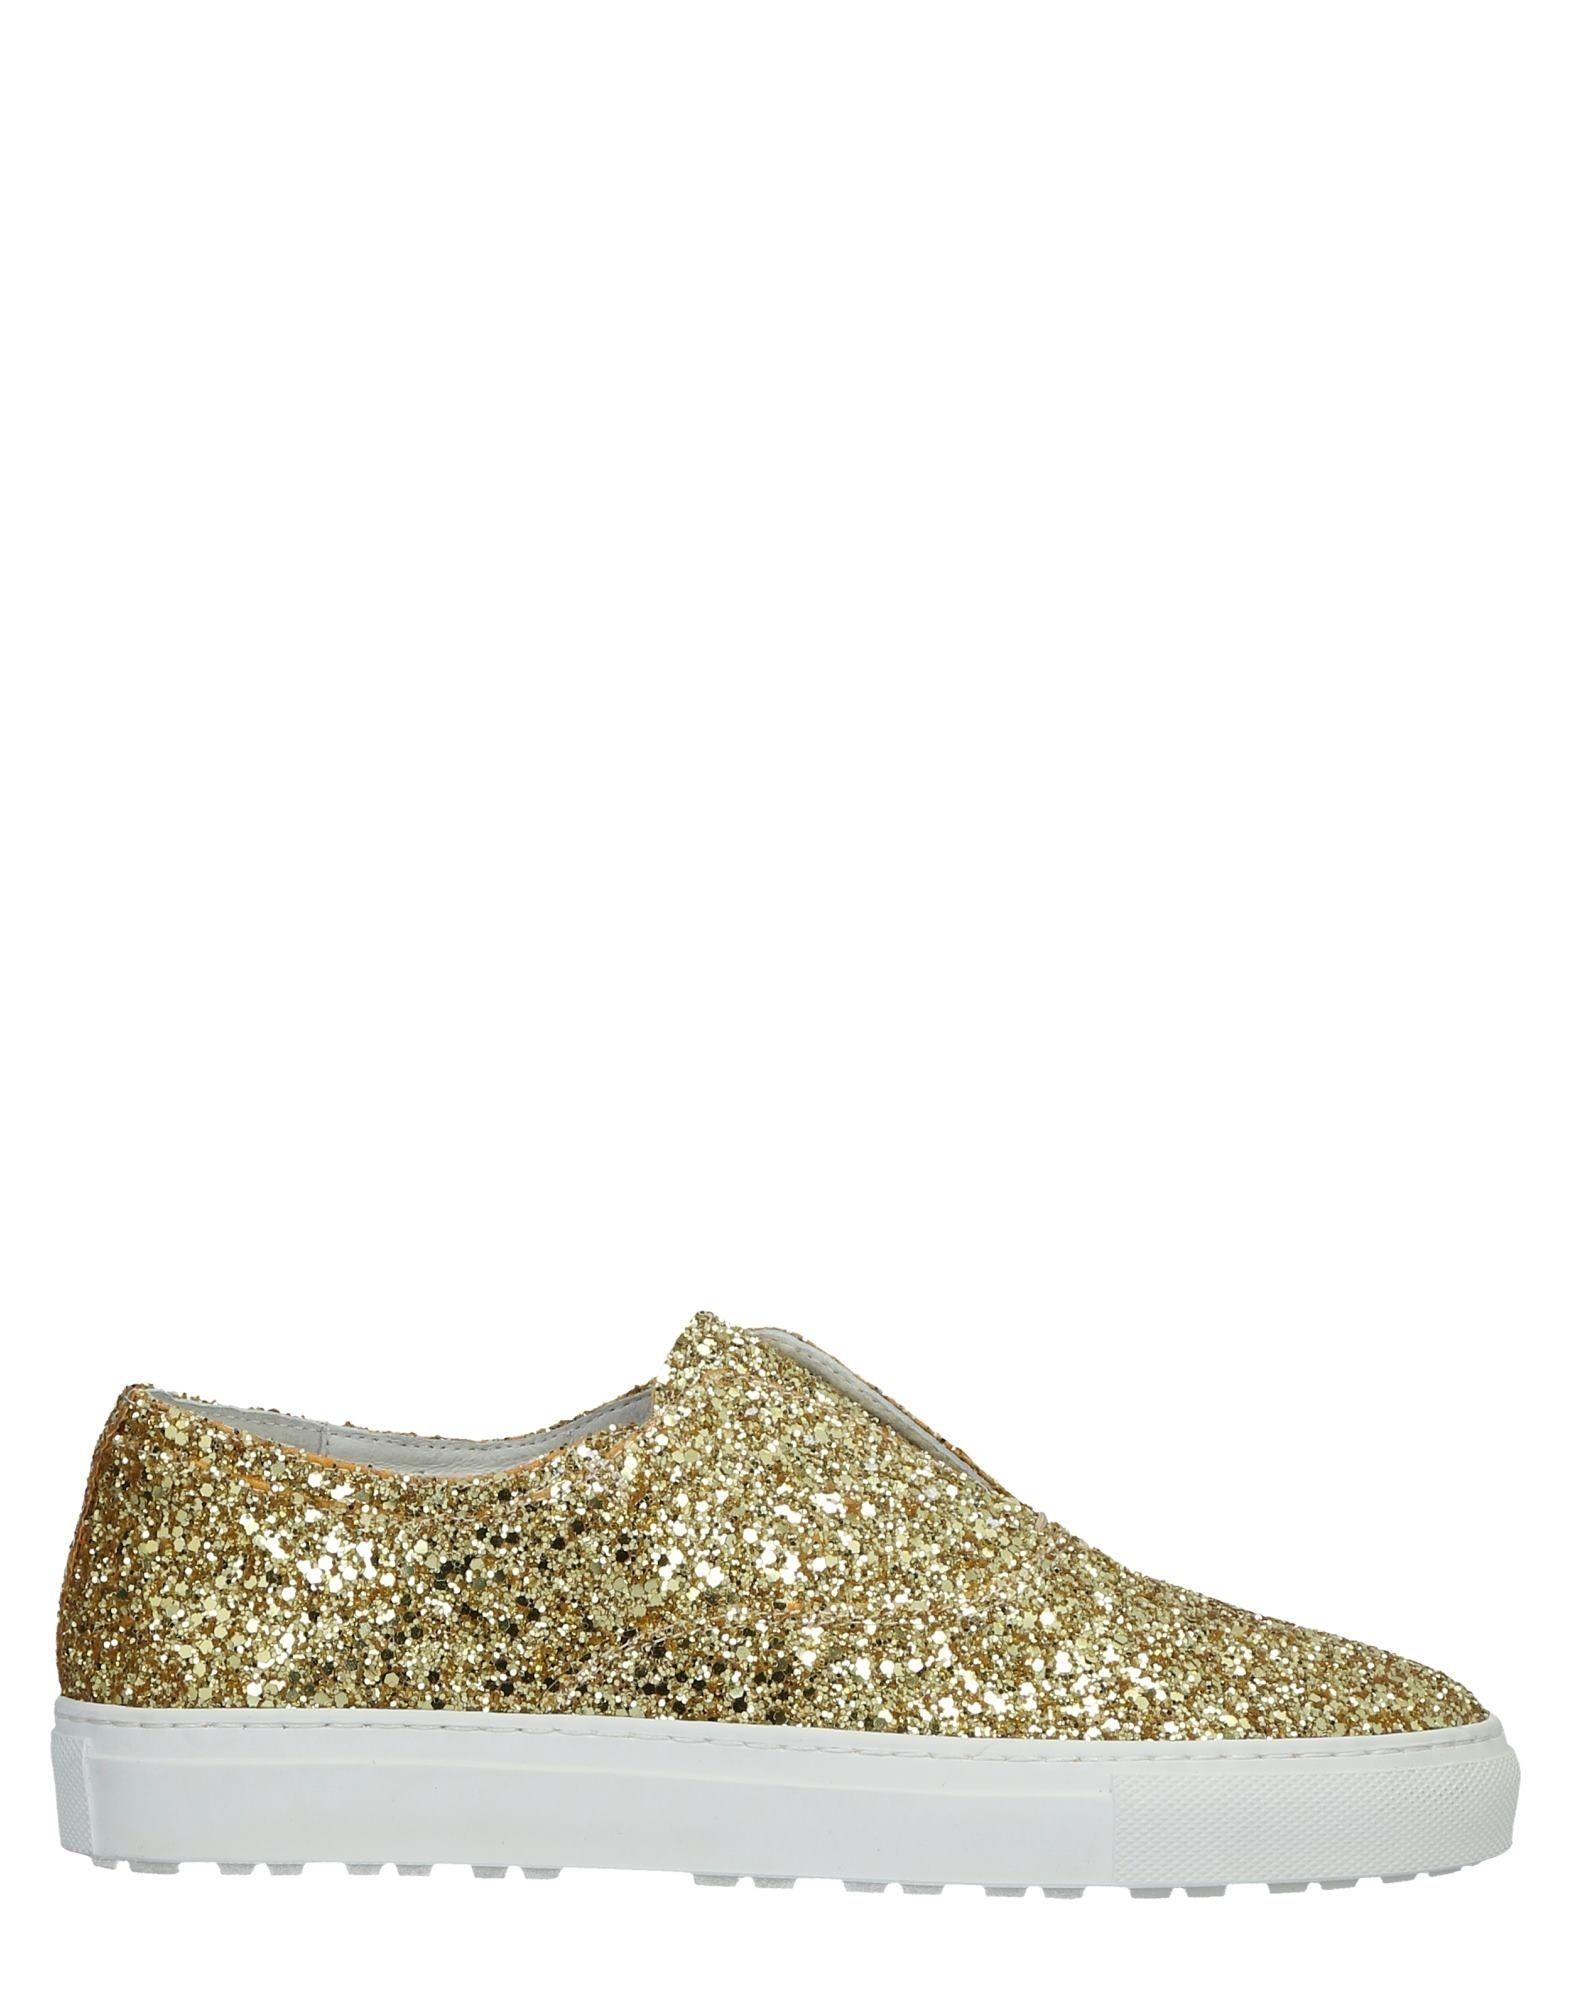 Regard Sneakers Damen  11514400GJ Gute Qualität beliebte Schuhe